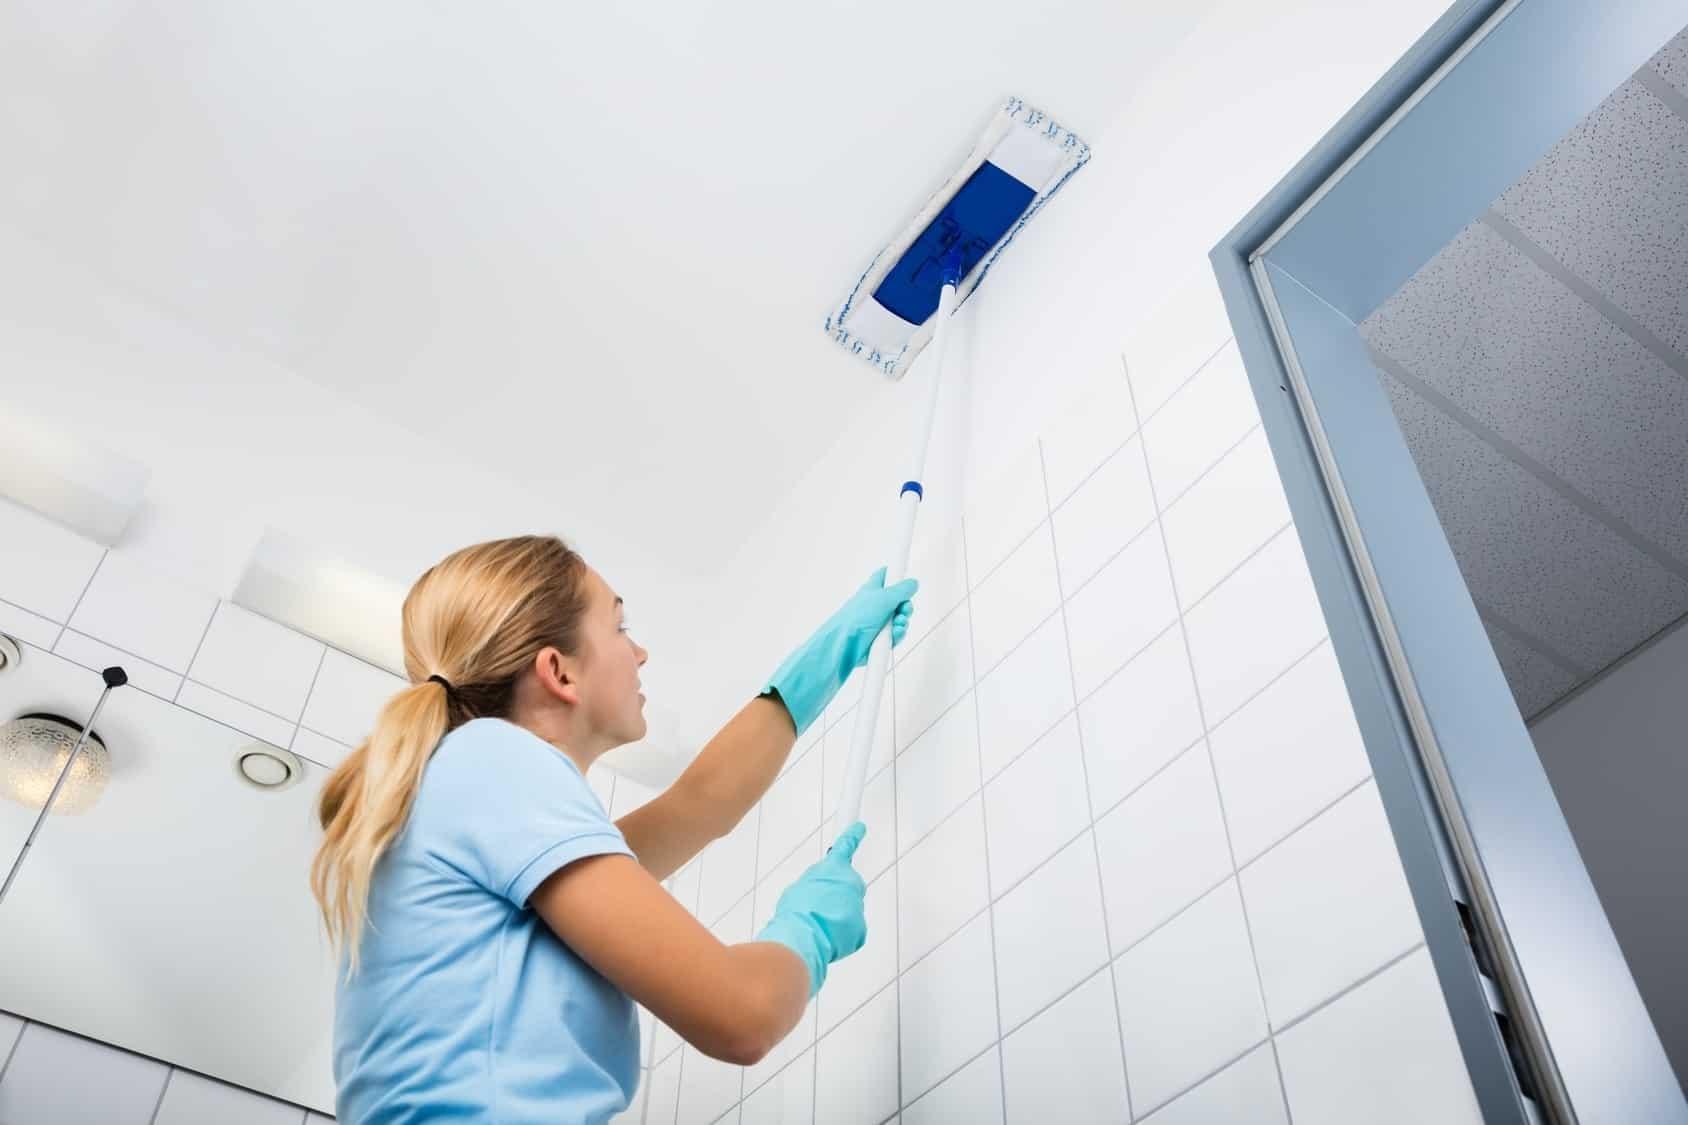 Как часто мыть натяжные потолки | Как помыть глянцевый натяжной потолок без разводов в домашних условиях